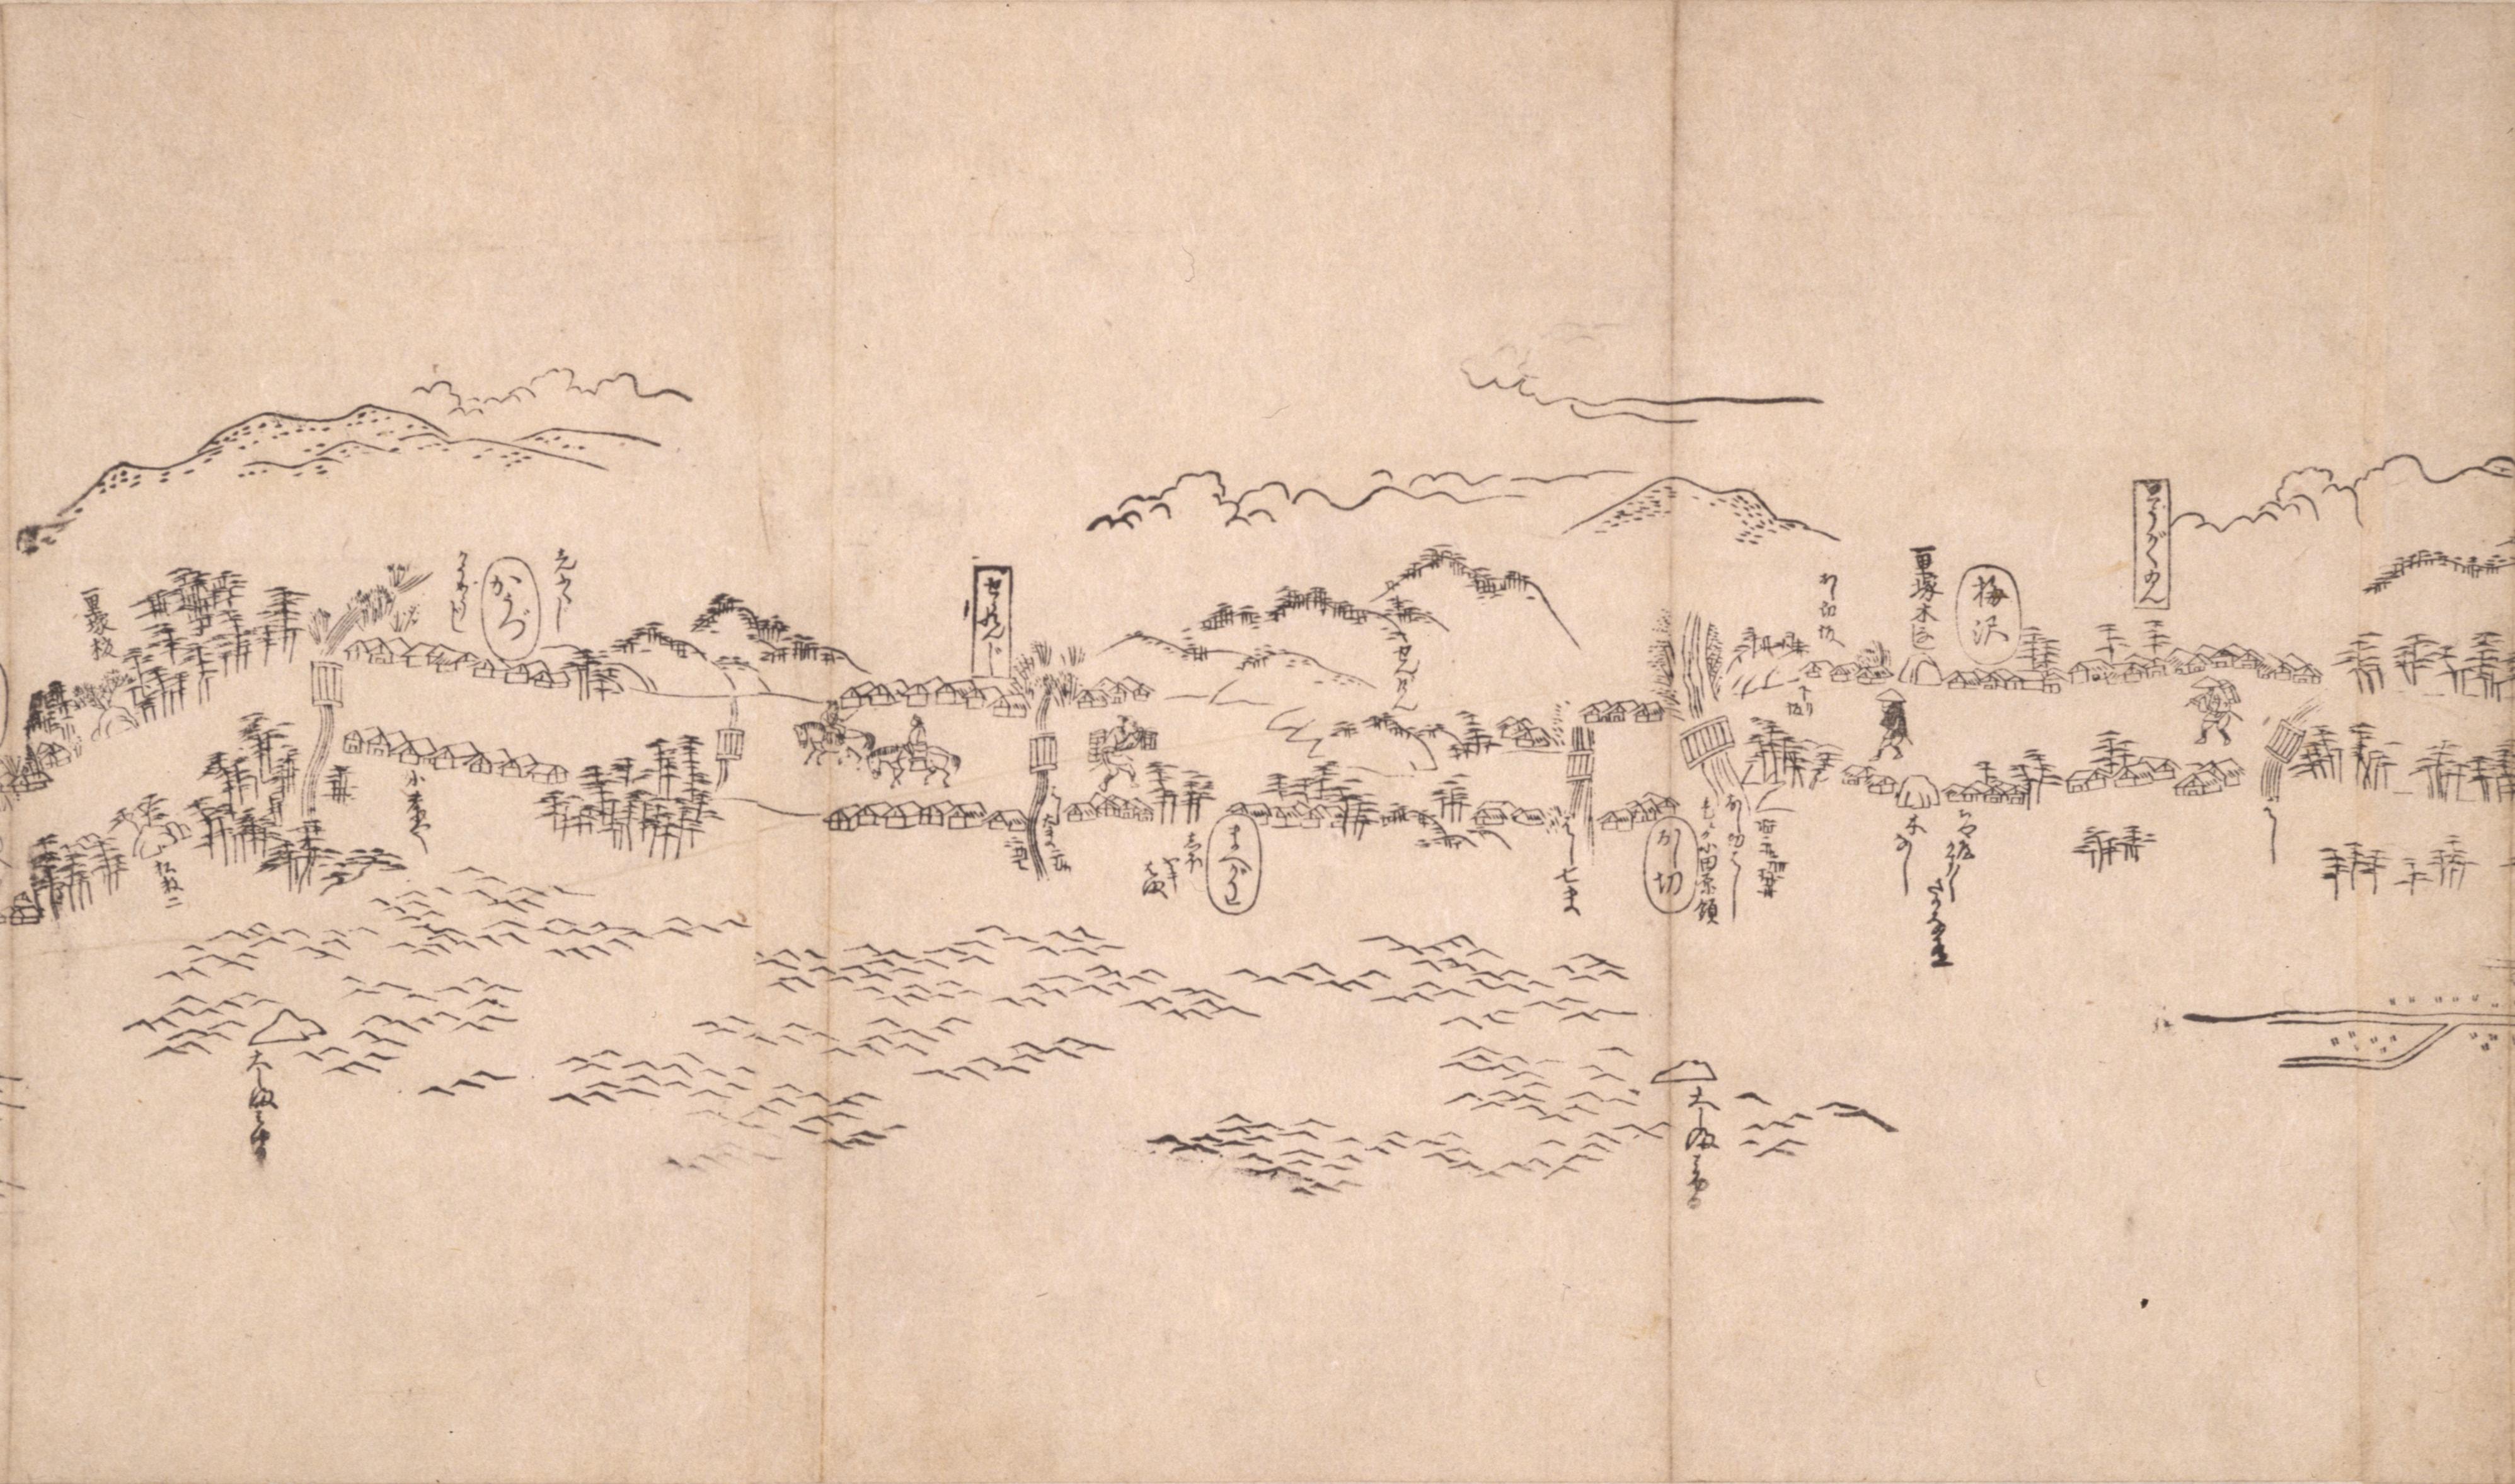 東海道分間之図 十三